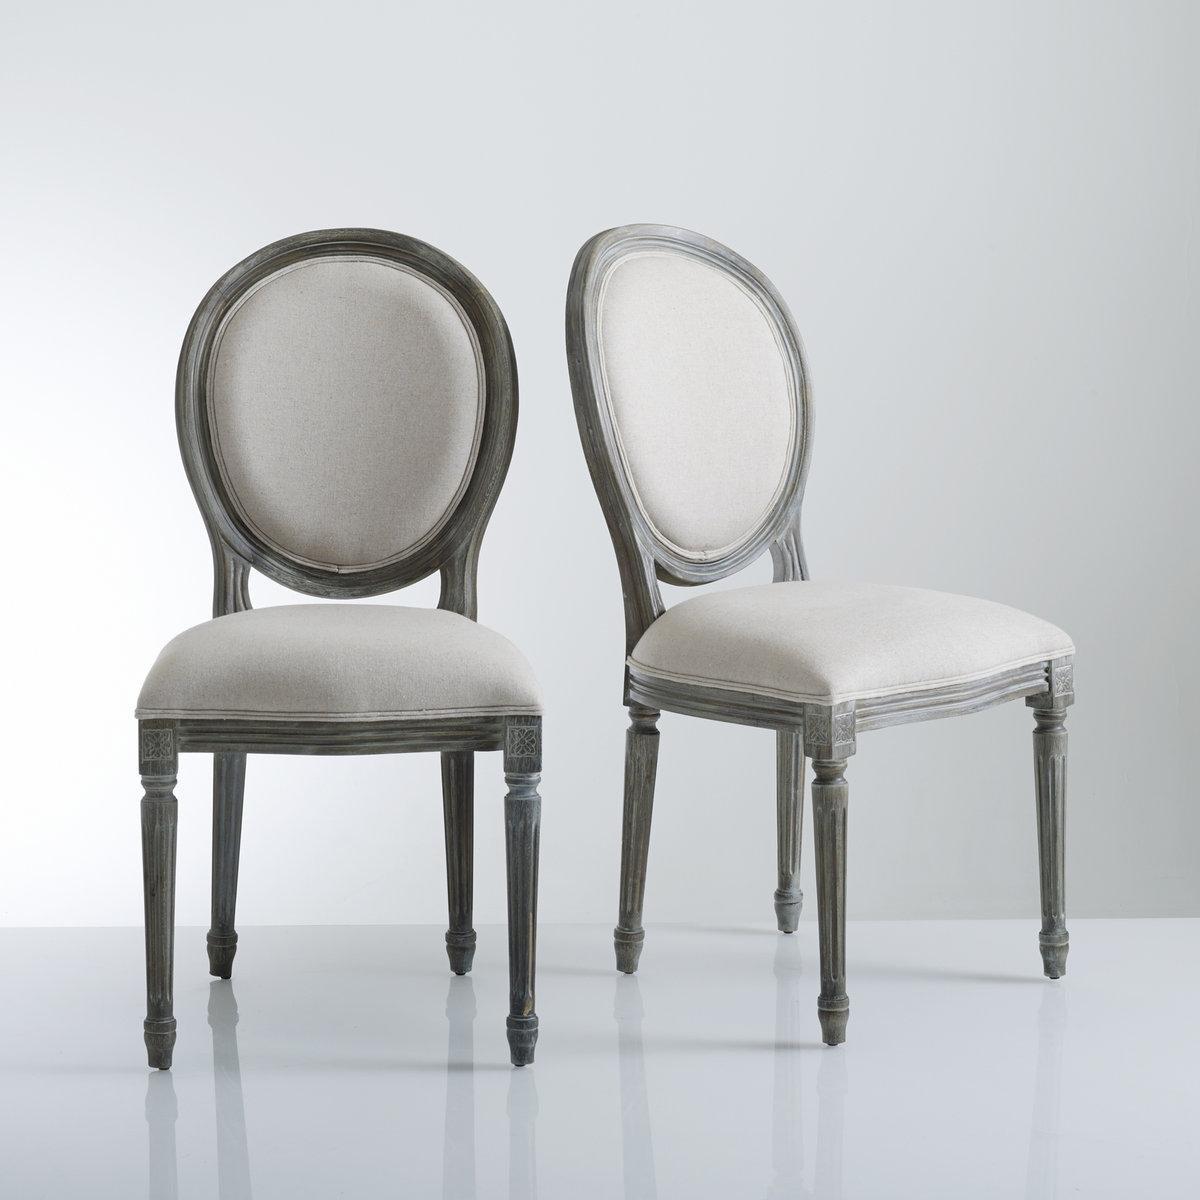 2 стула, Nottingham скамья прикроватная с обивкой nottingham